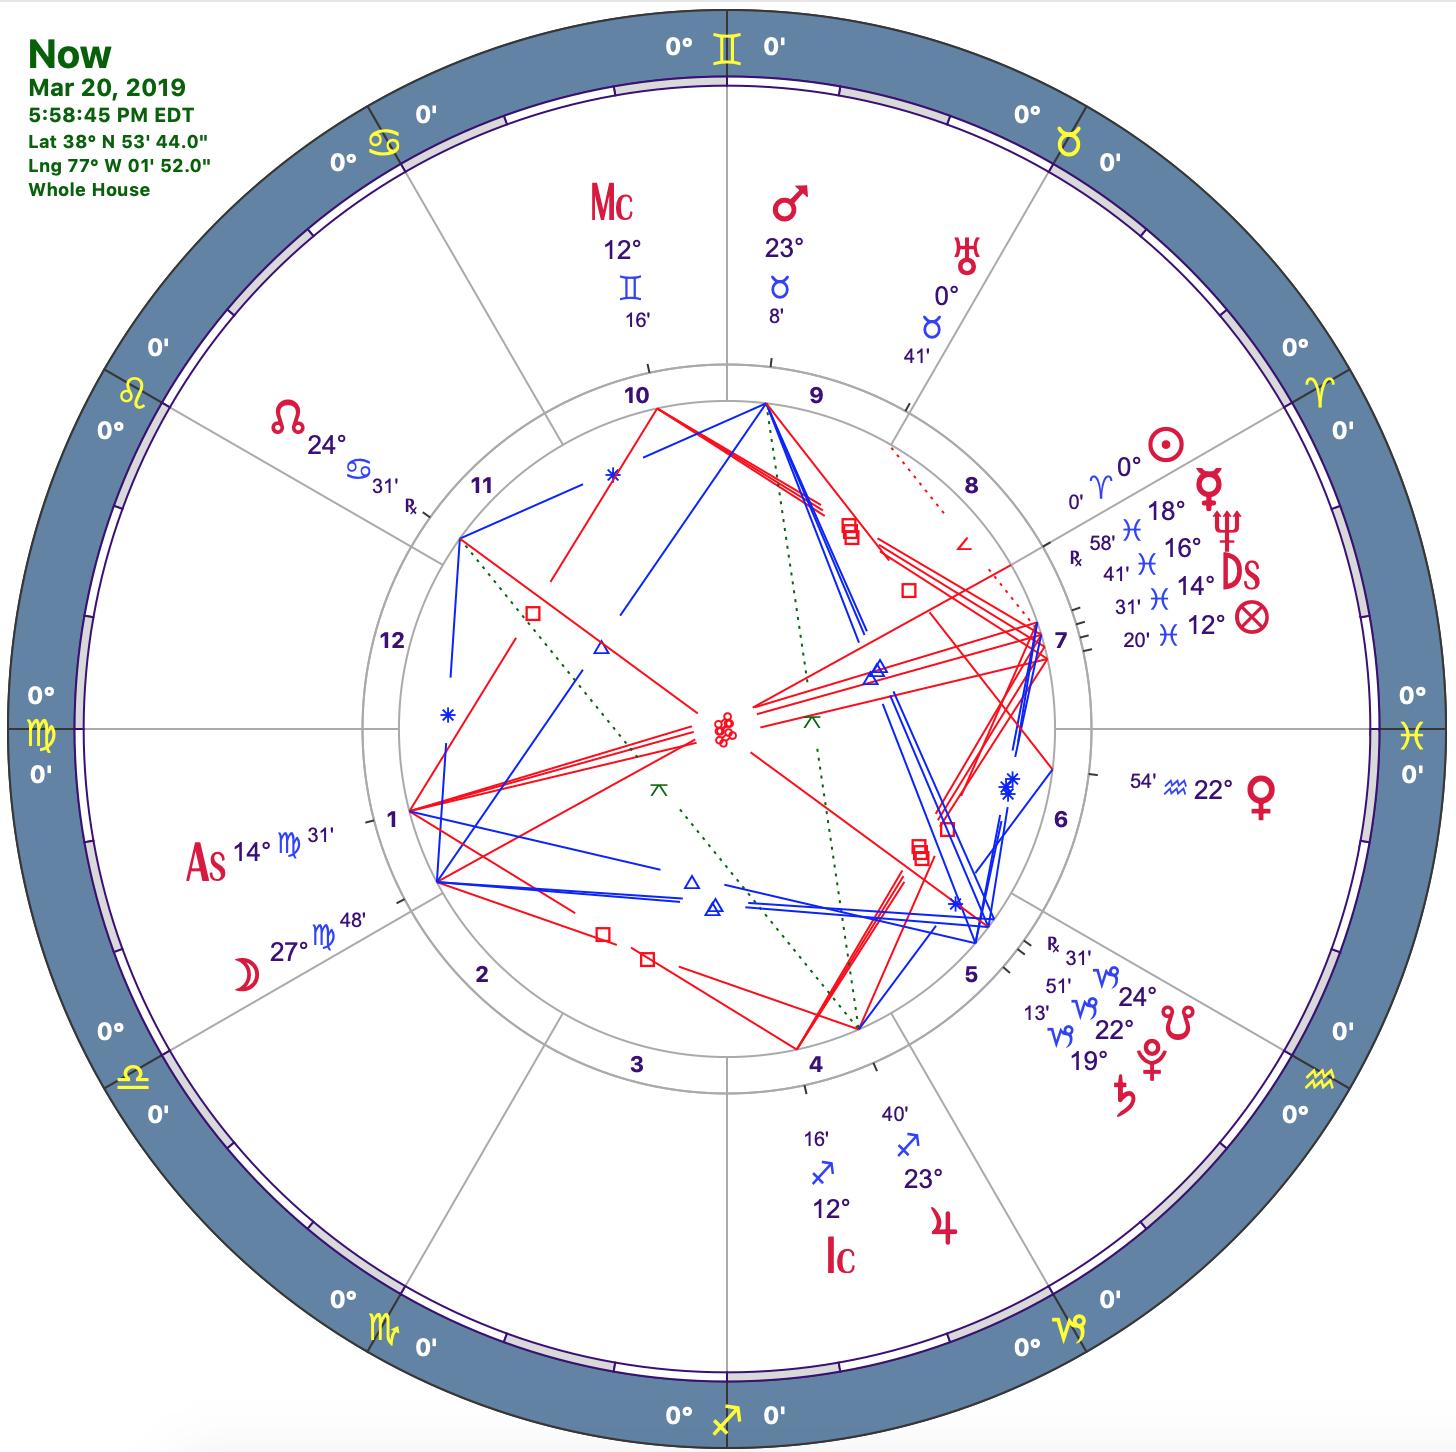 Moon and Horoscope